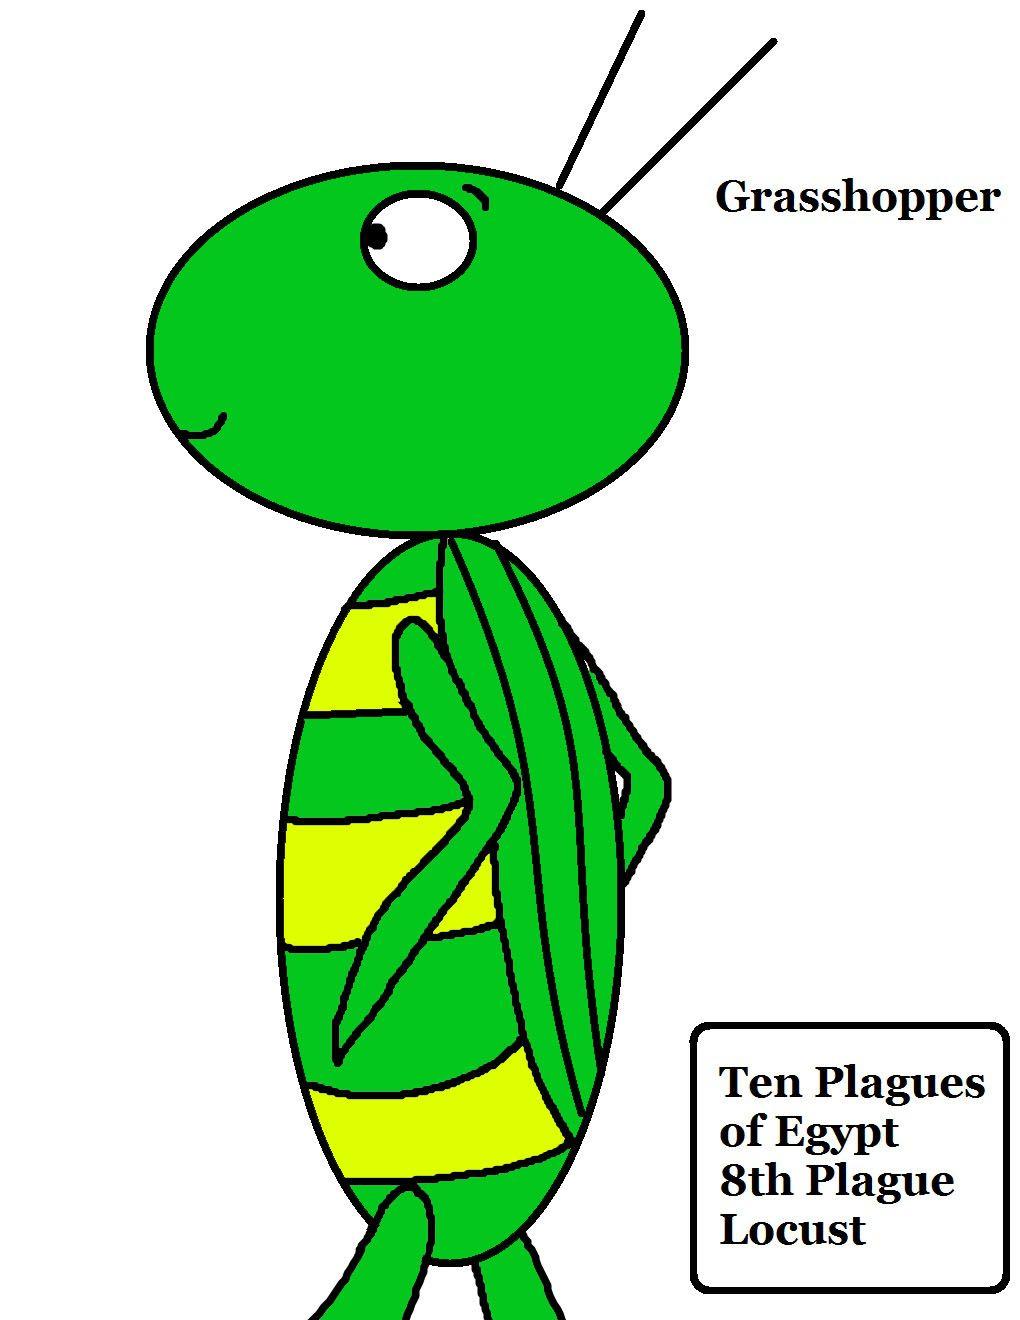 10 Plagues 10 Plagues Of Egypt Locust Lesson Plagues Of Egypt